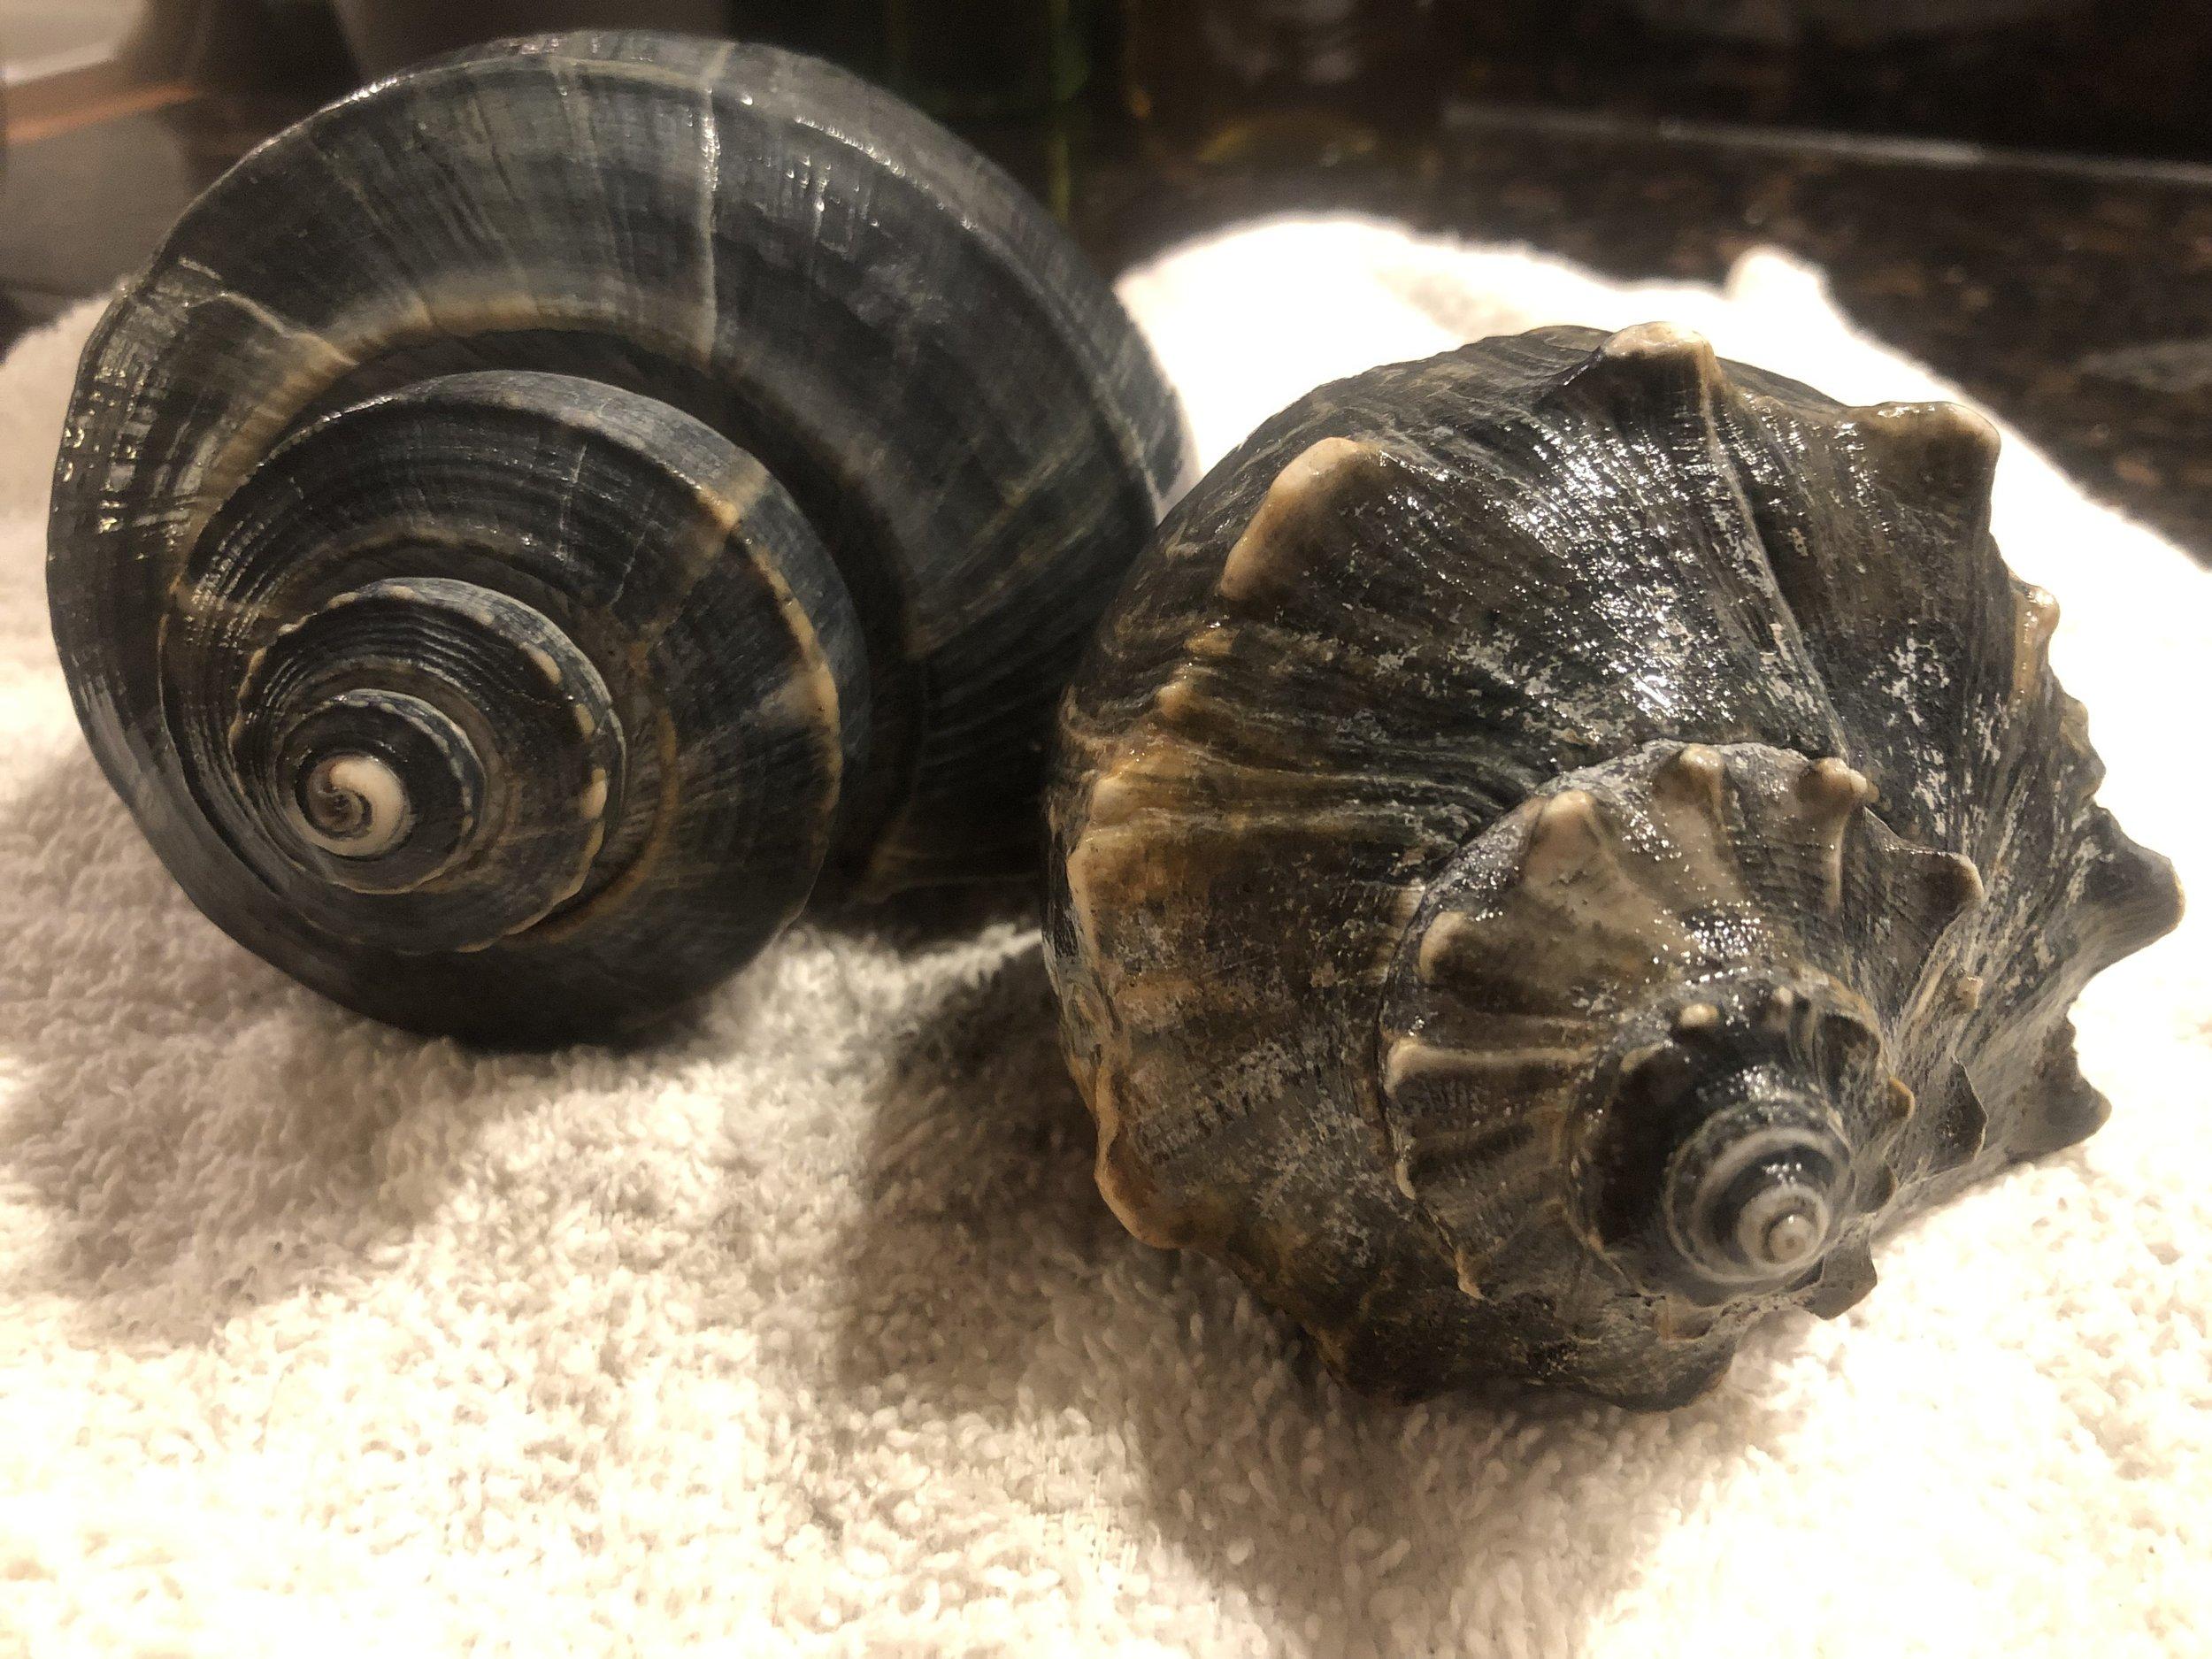 channeled vs knobbed whelk.jpg